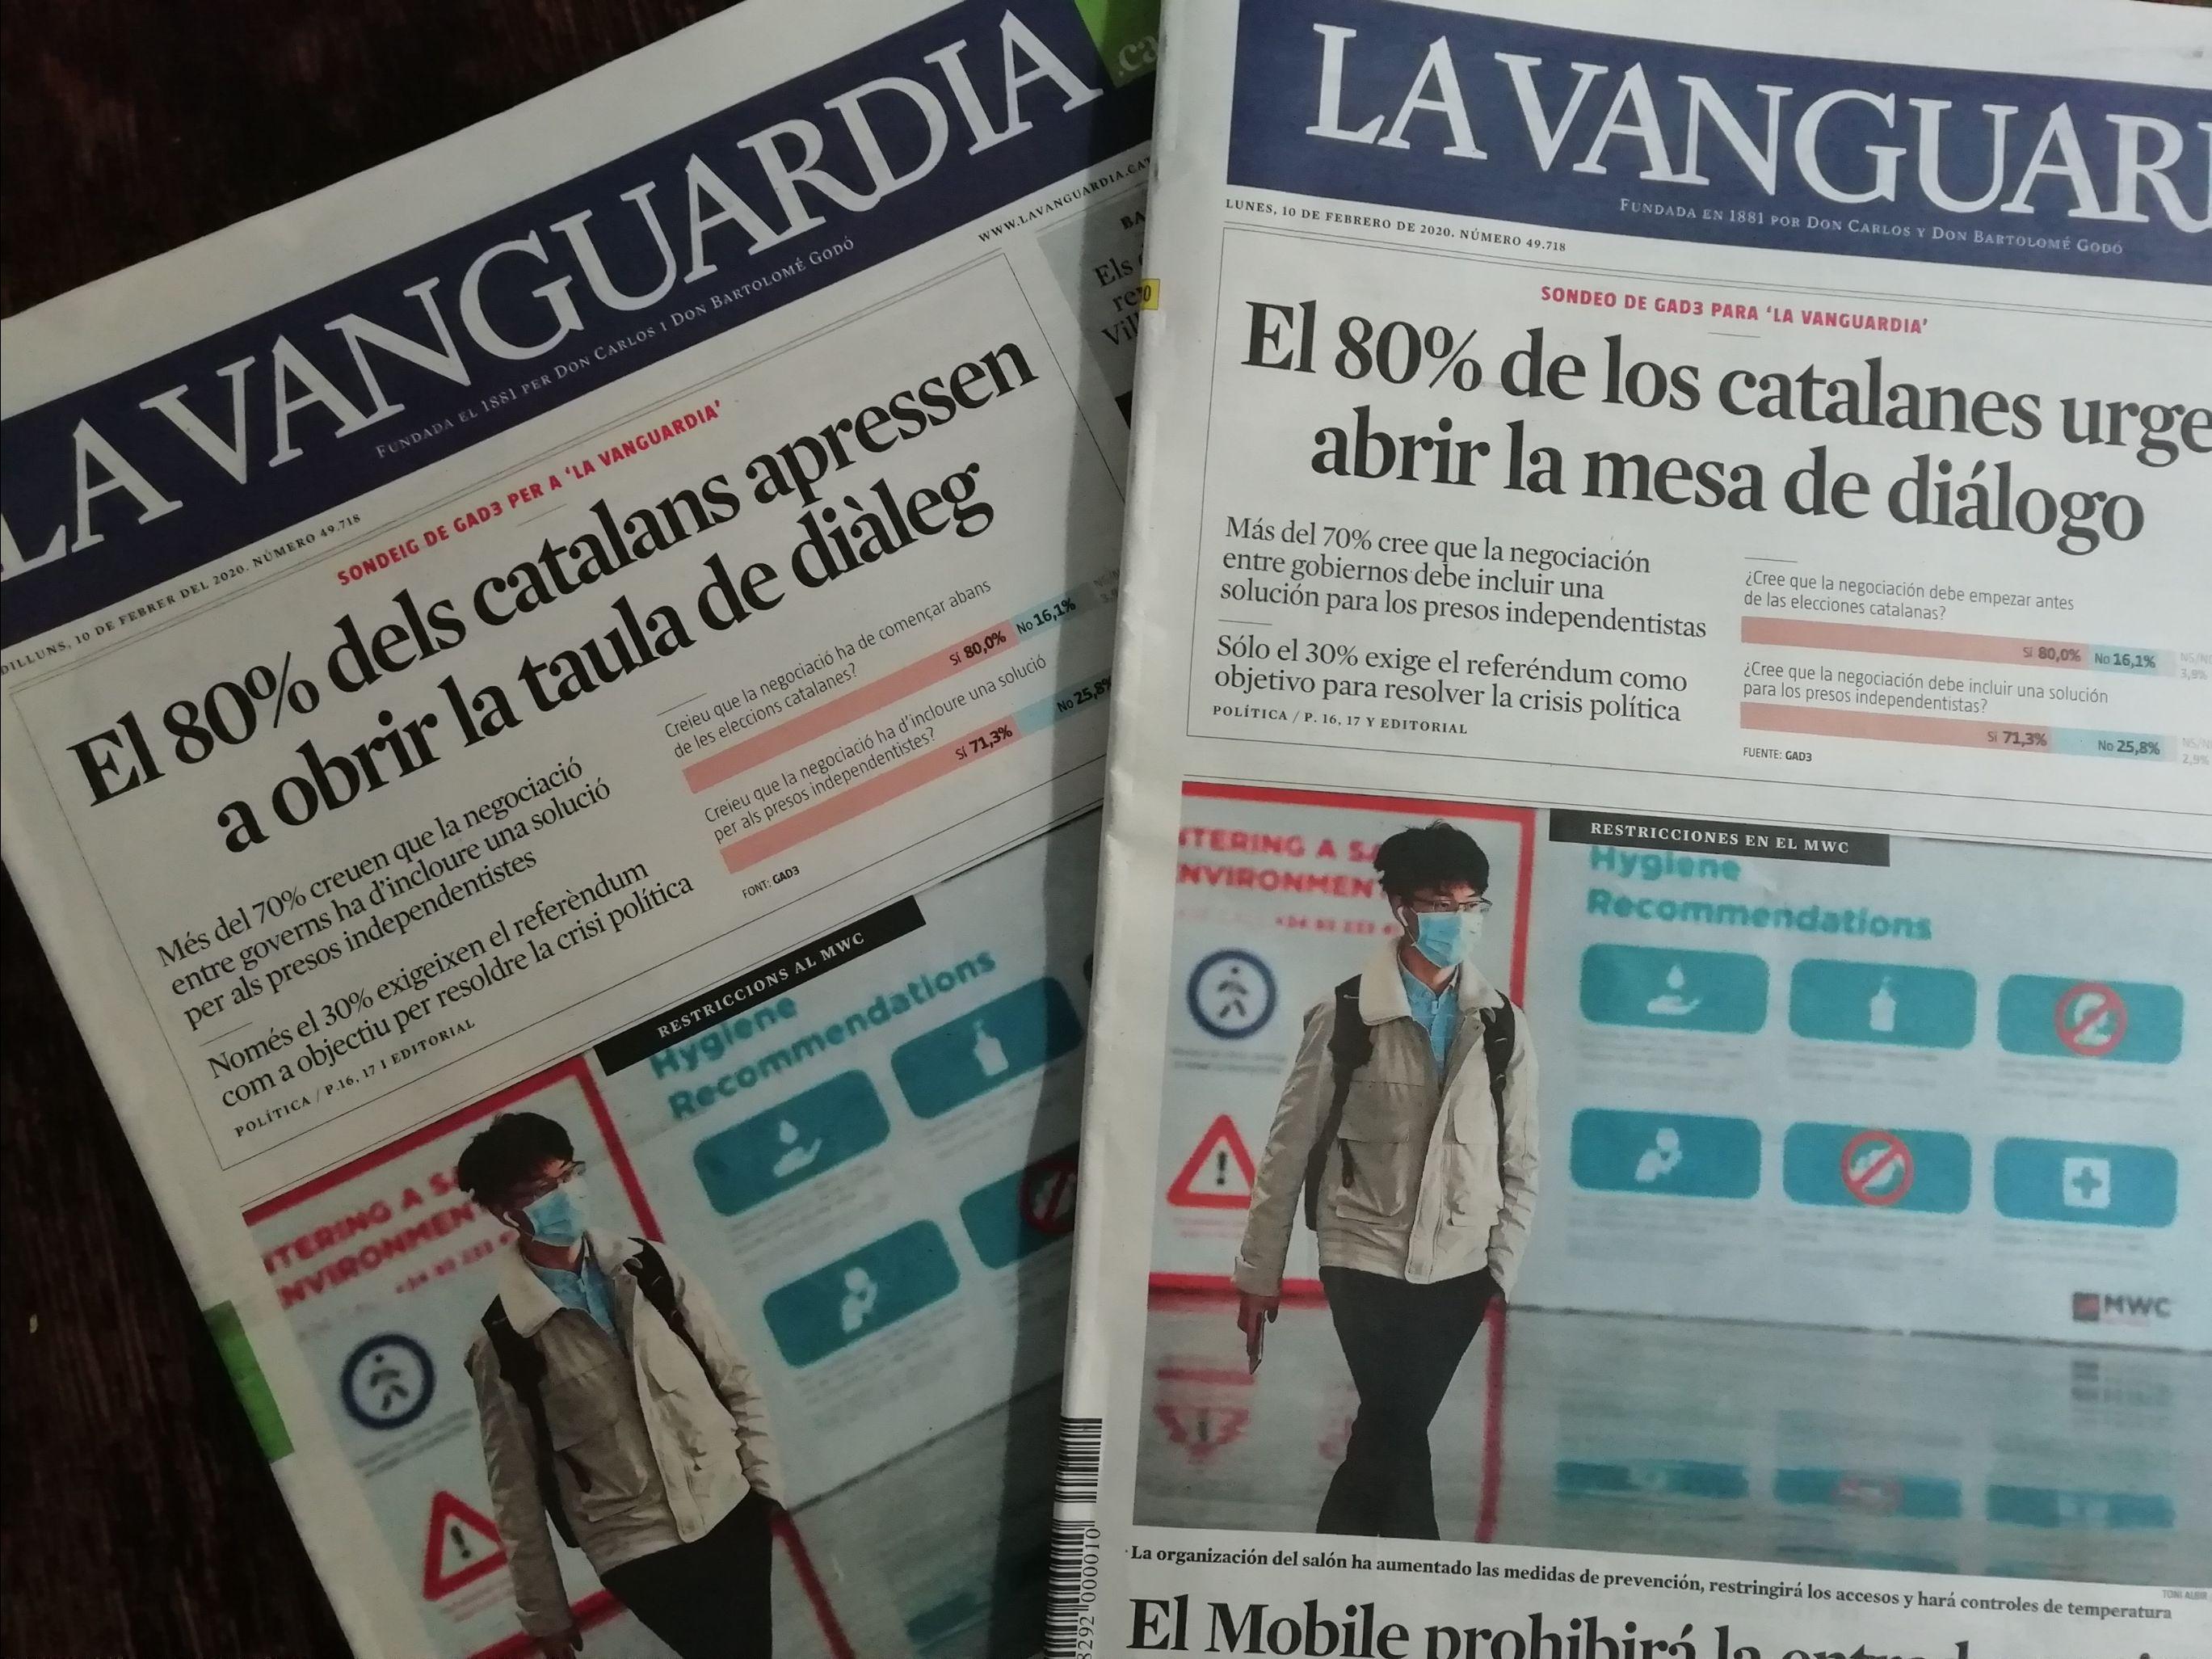 zwei zeitungstitelseiten auf katalanisch und spanisch